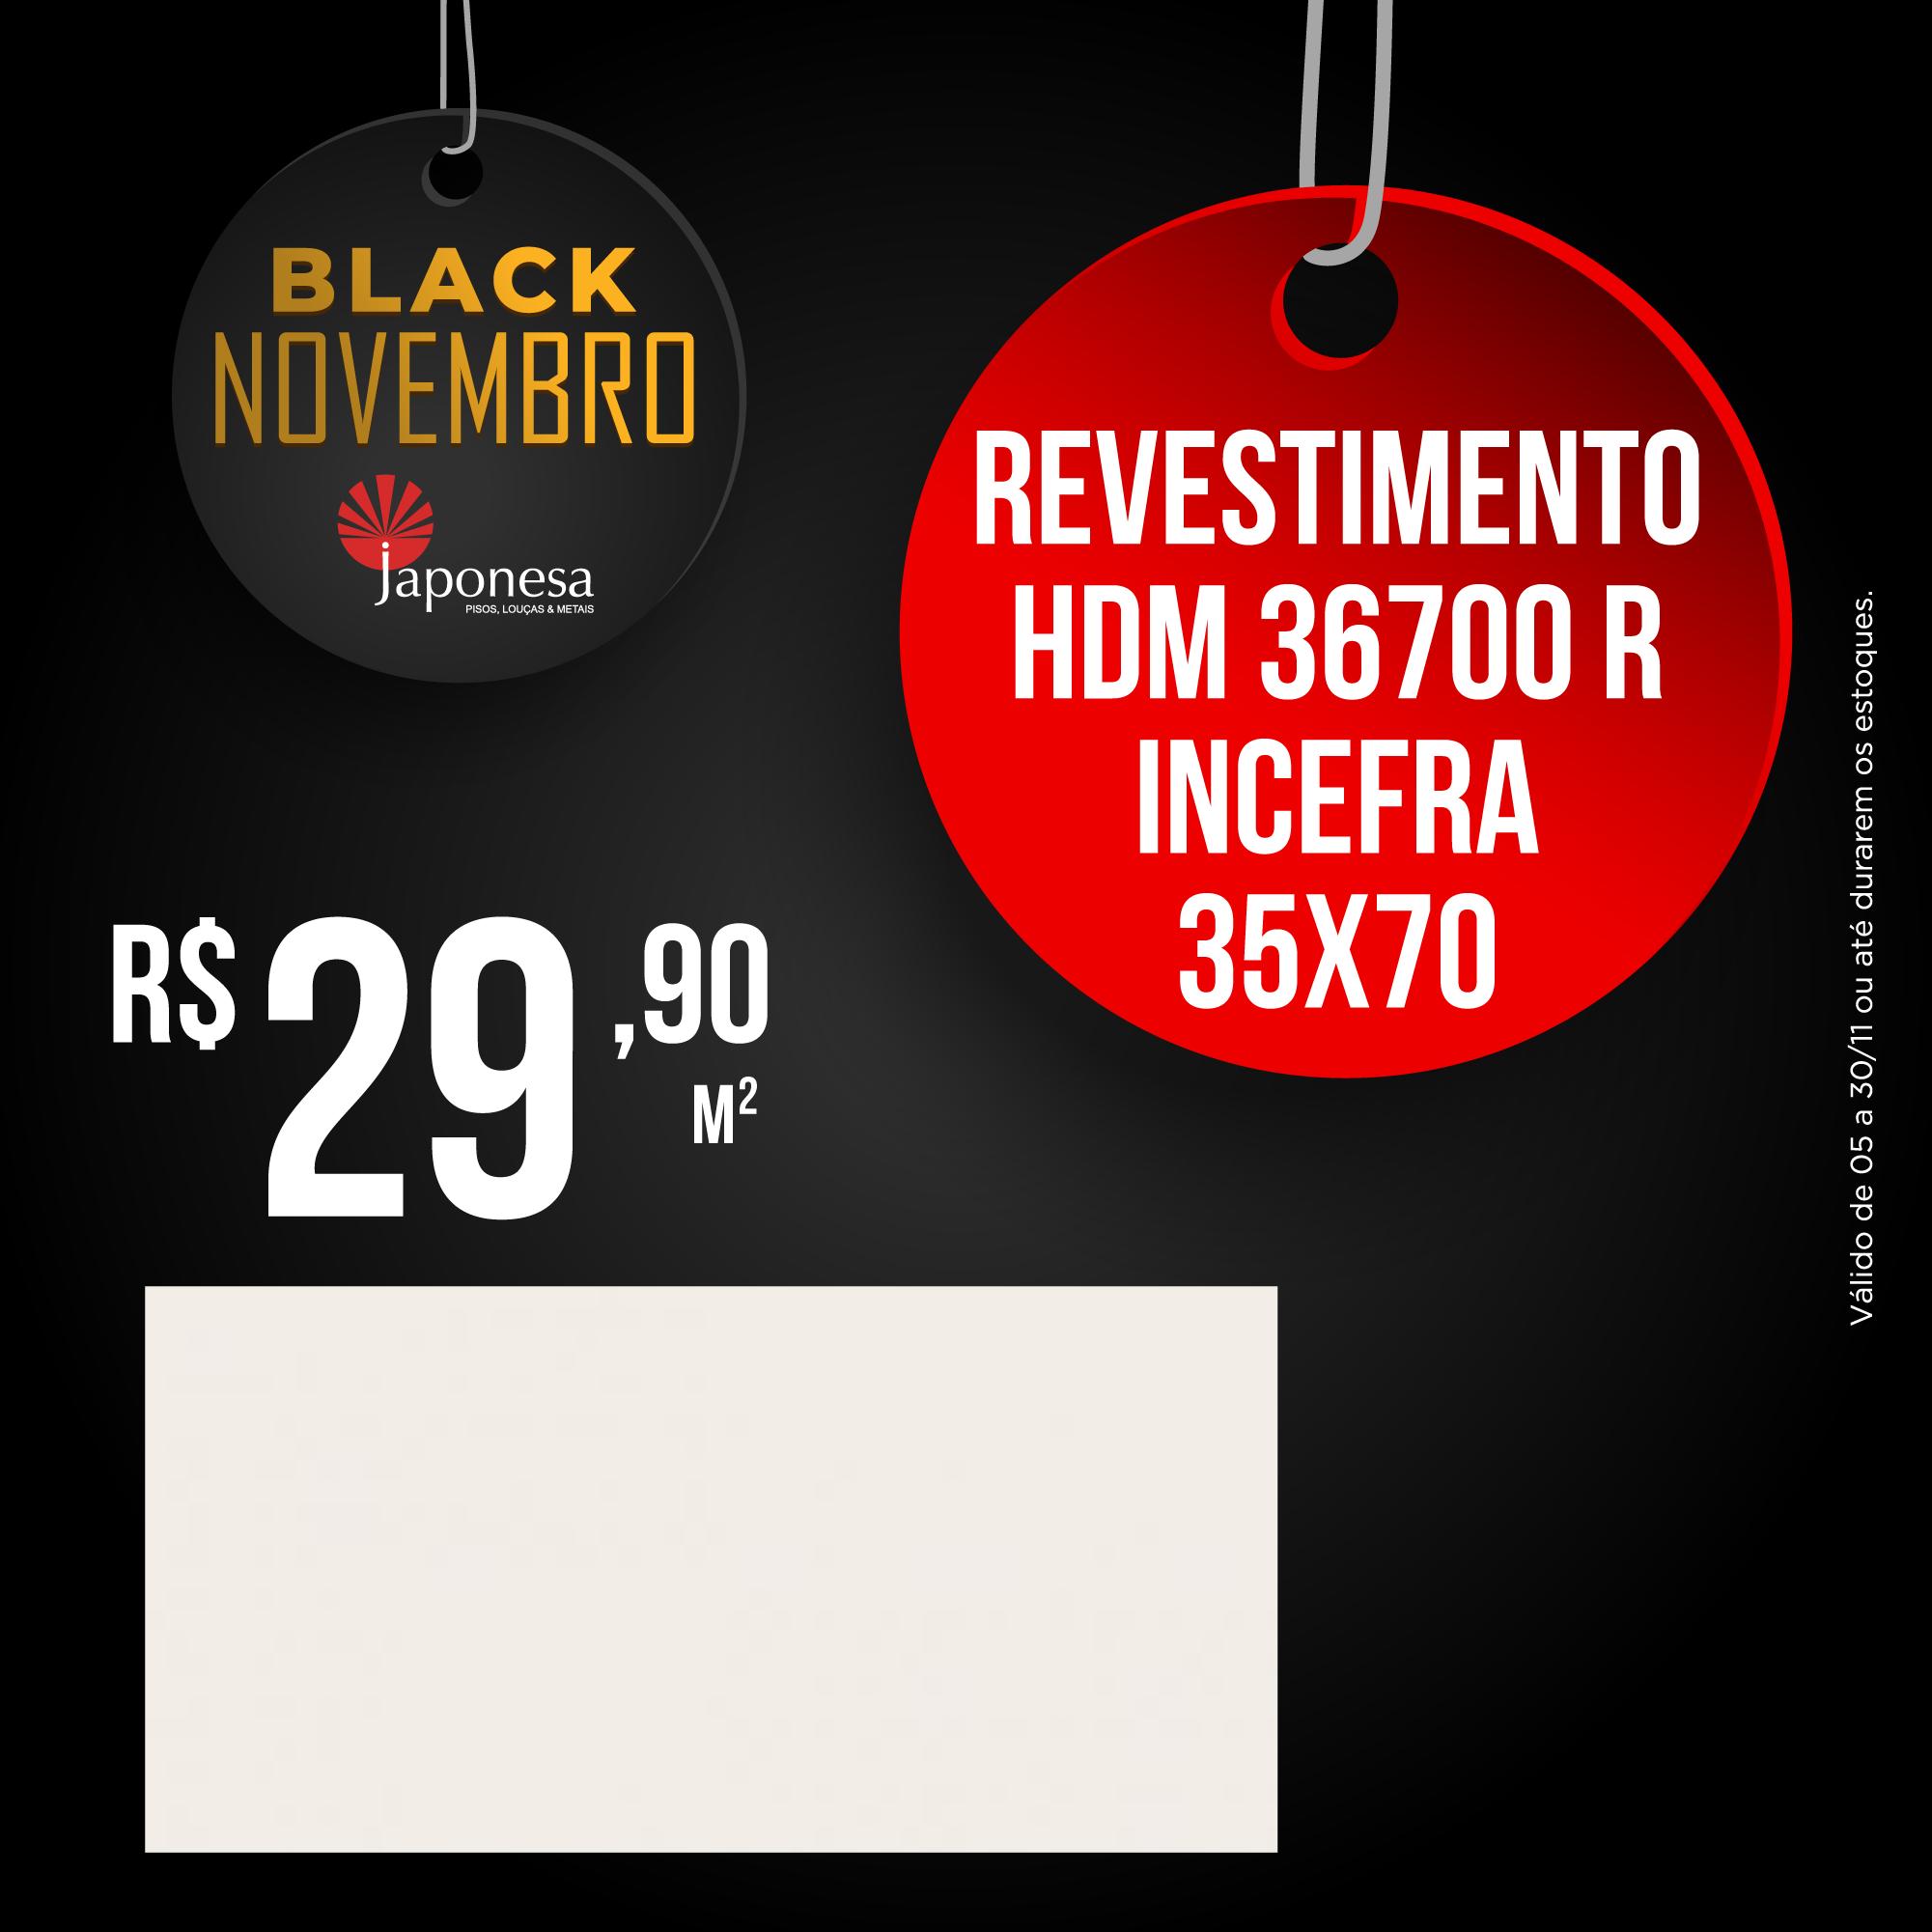 REVESTIMENTO HDM 36700 R INCEFRA 35X70